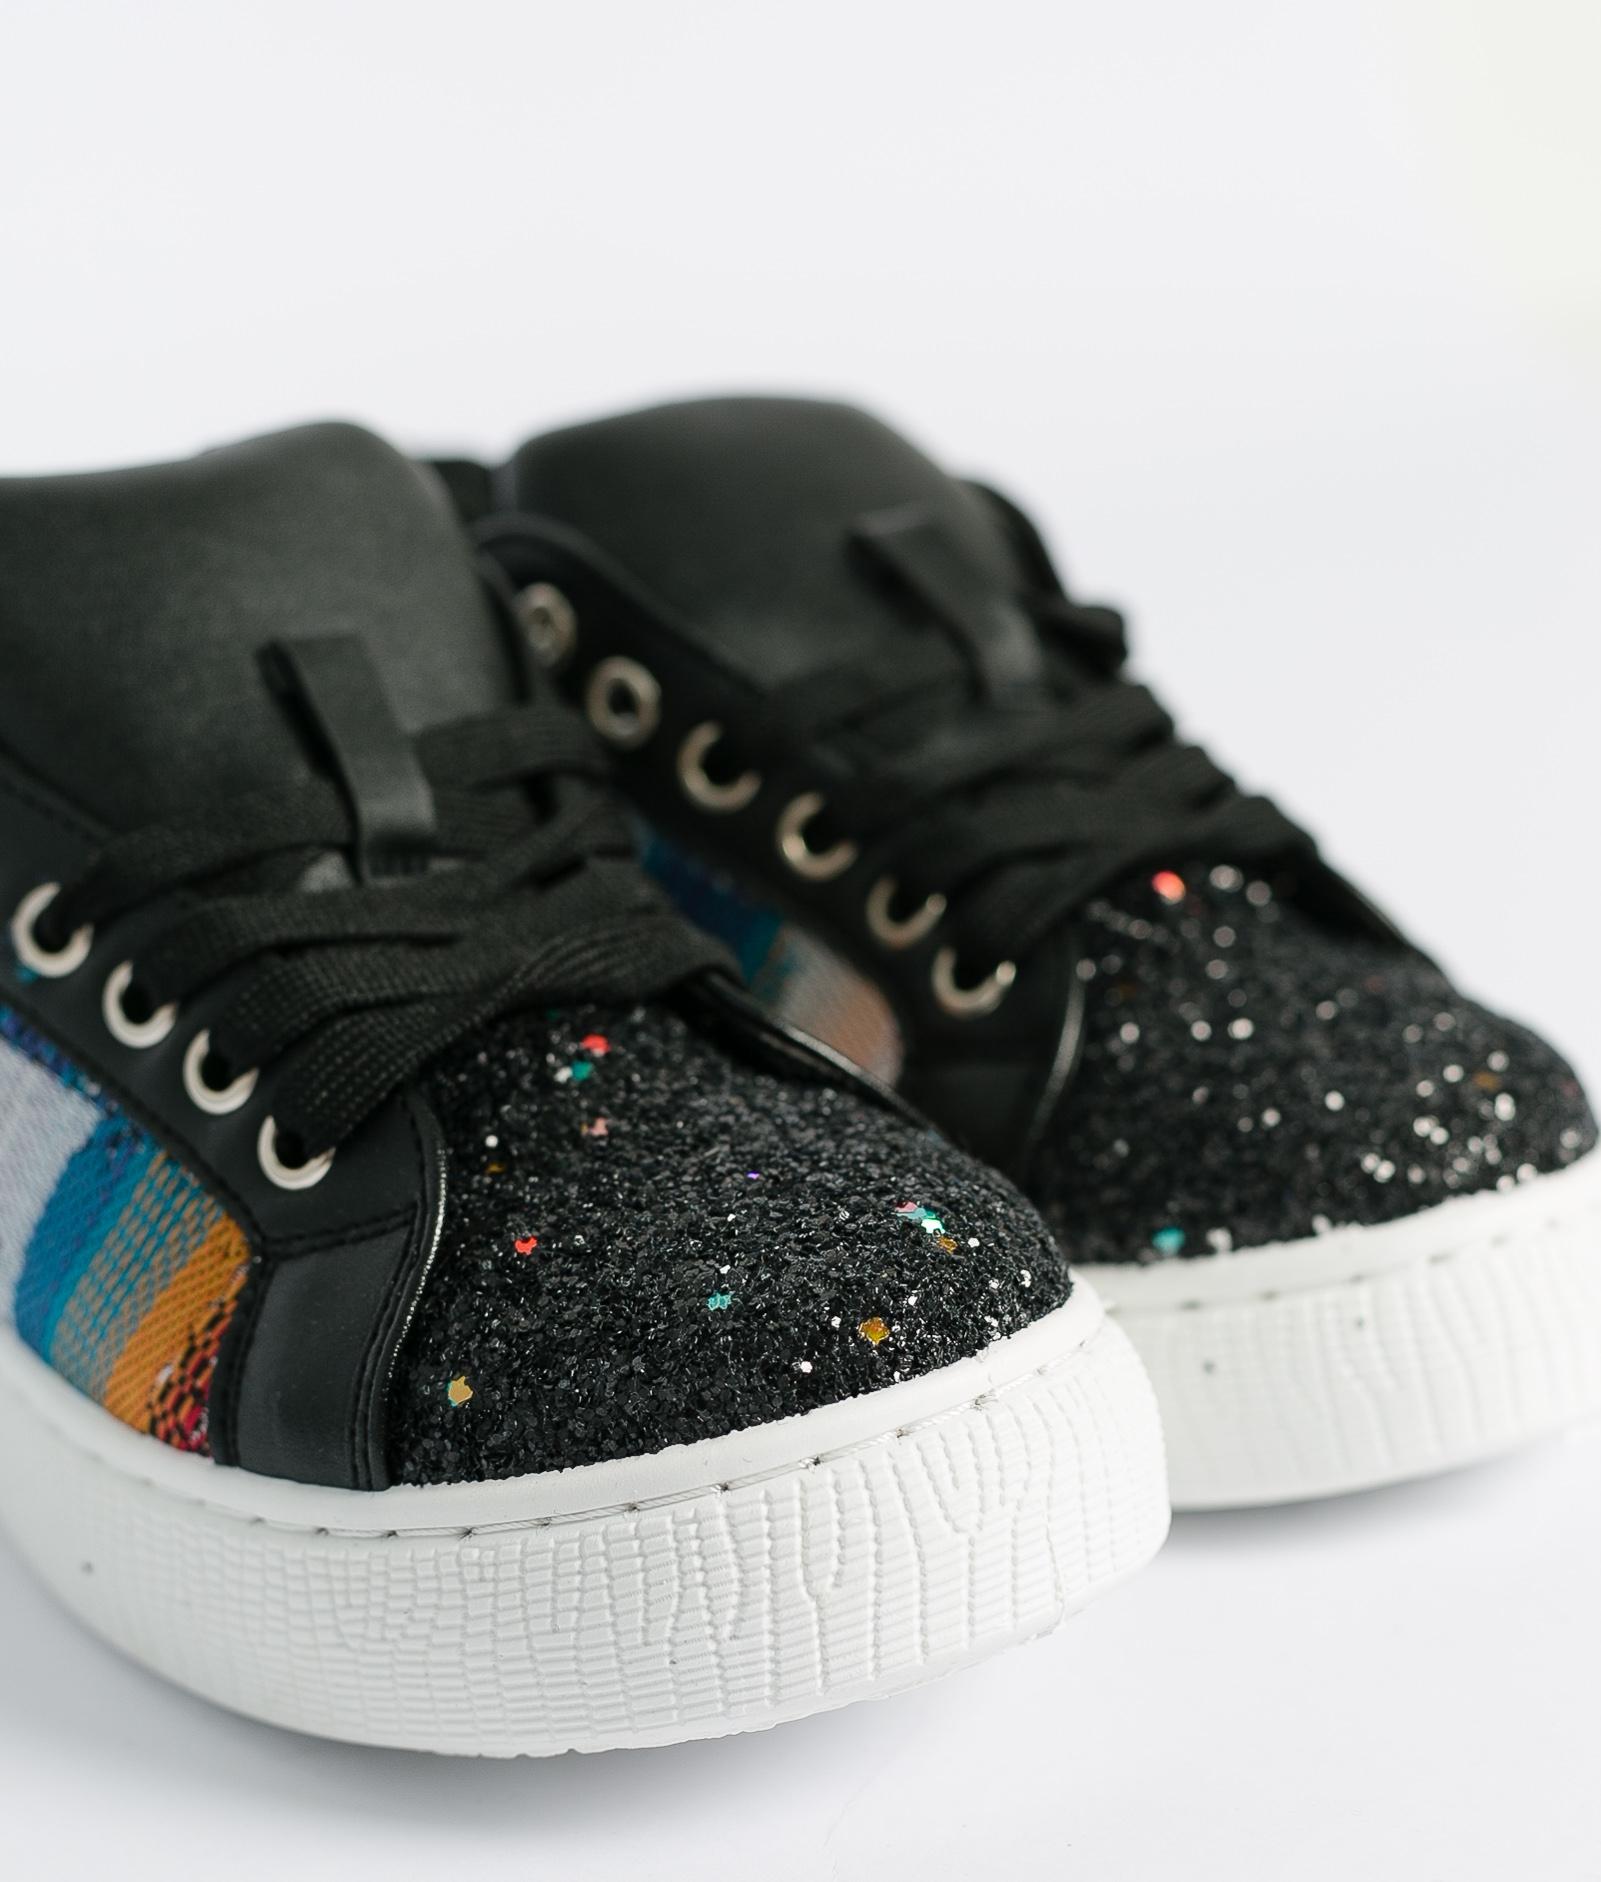 Sneakers Glita - Preto